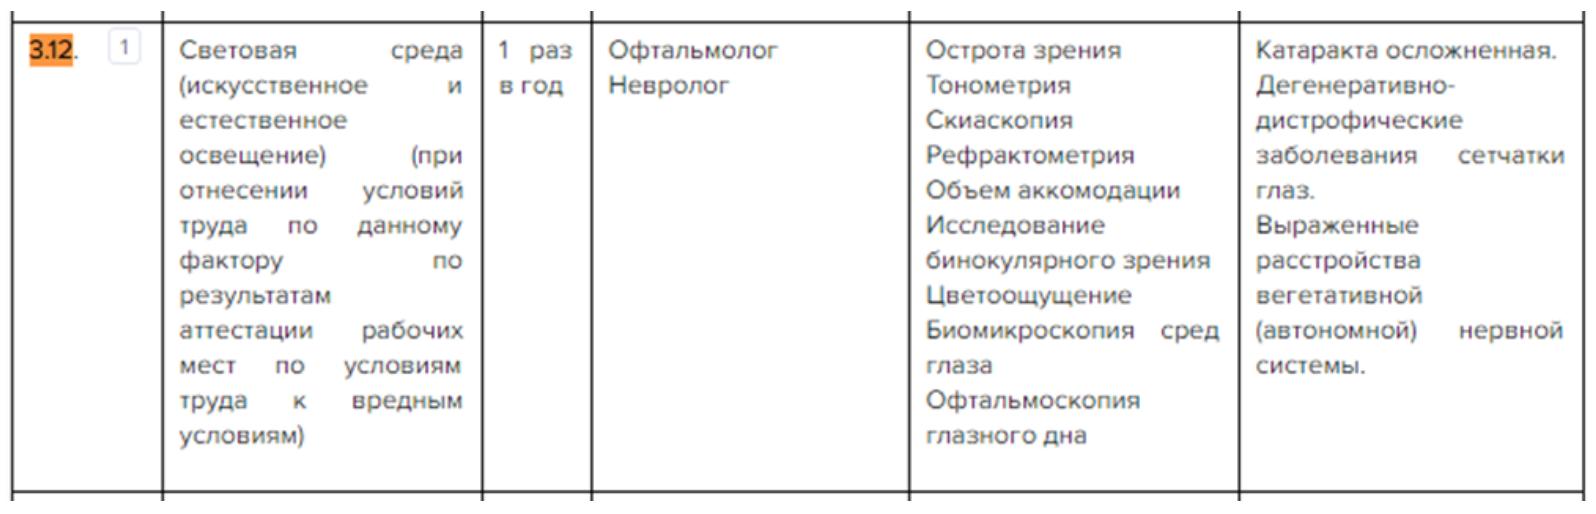 Направление на медосмотр вахтеров медицинского учреждения